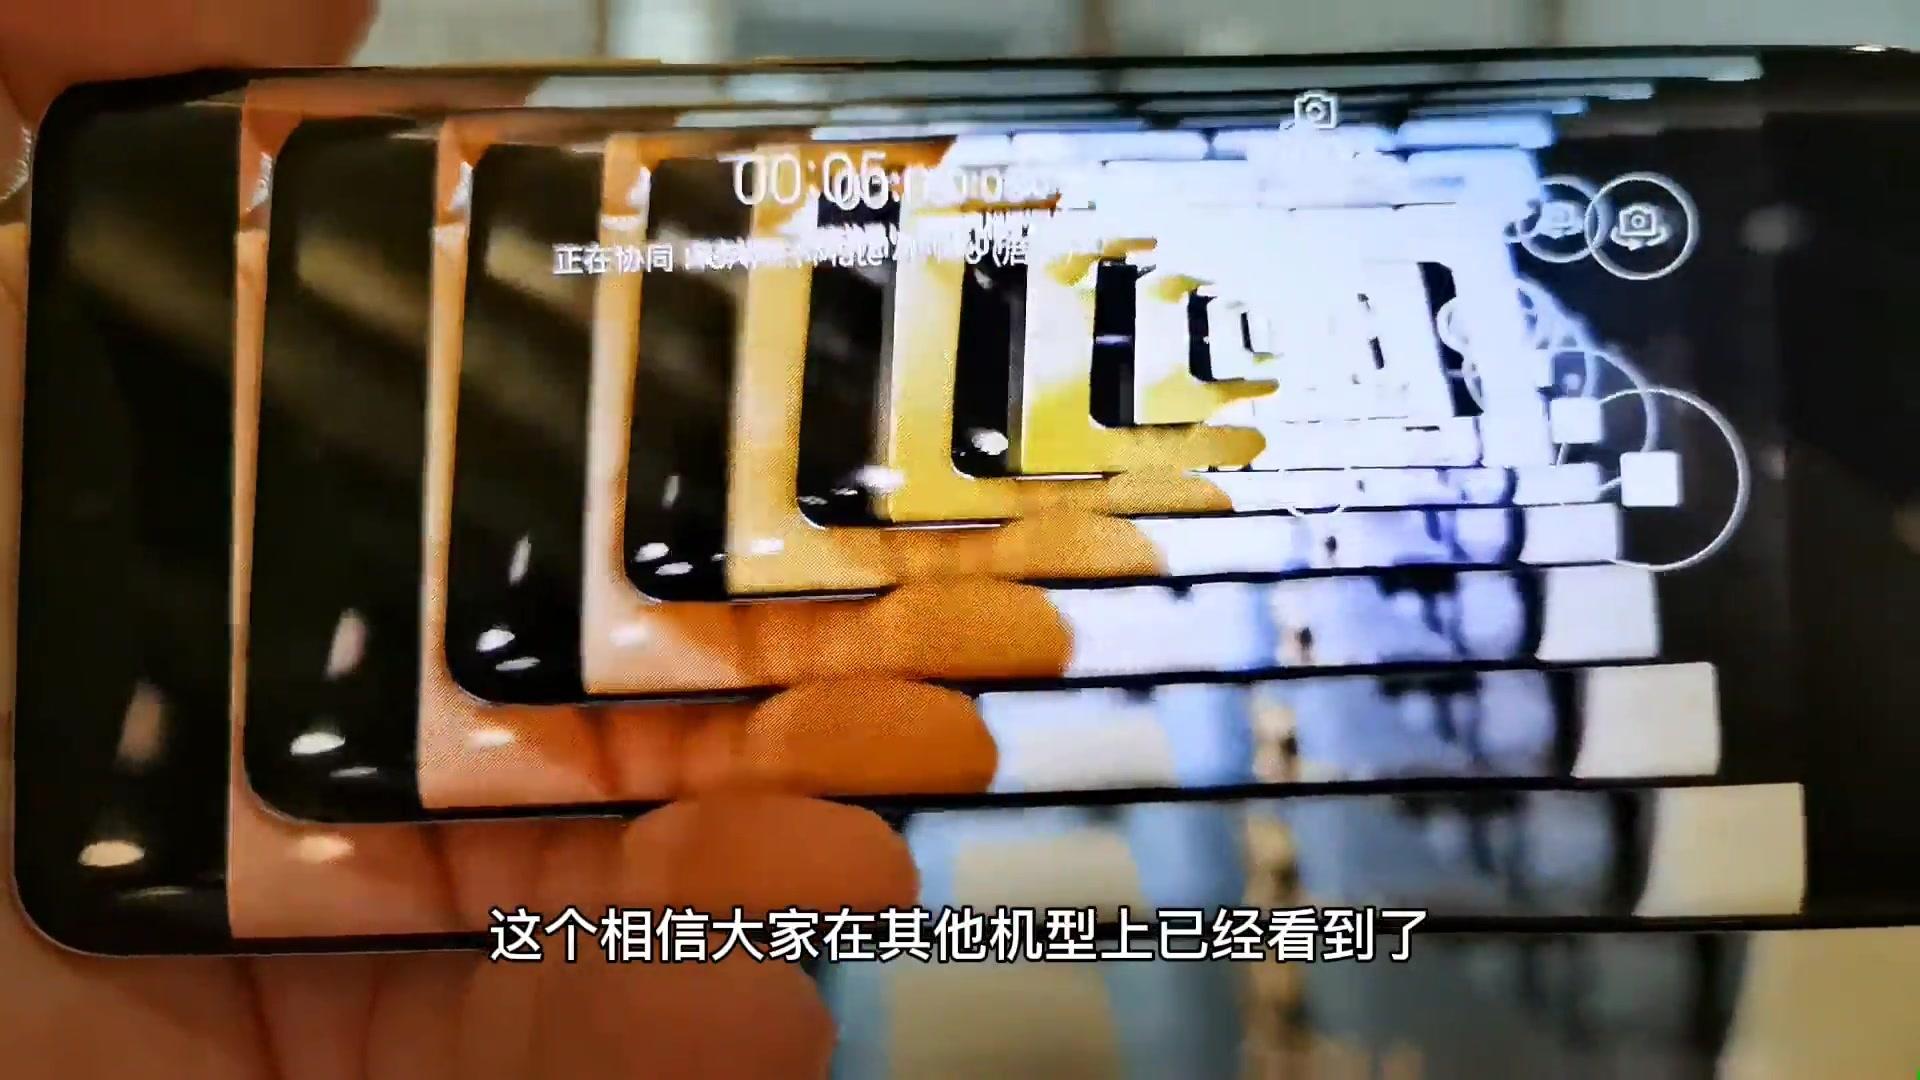 华为nova9 Pro 手机真的是 vlog 神器吗?揭秘来,华为nova 9系列-花粉俱乐部